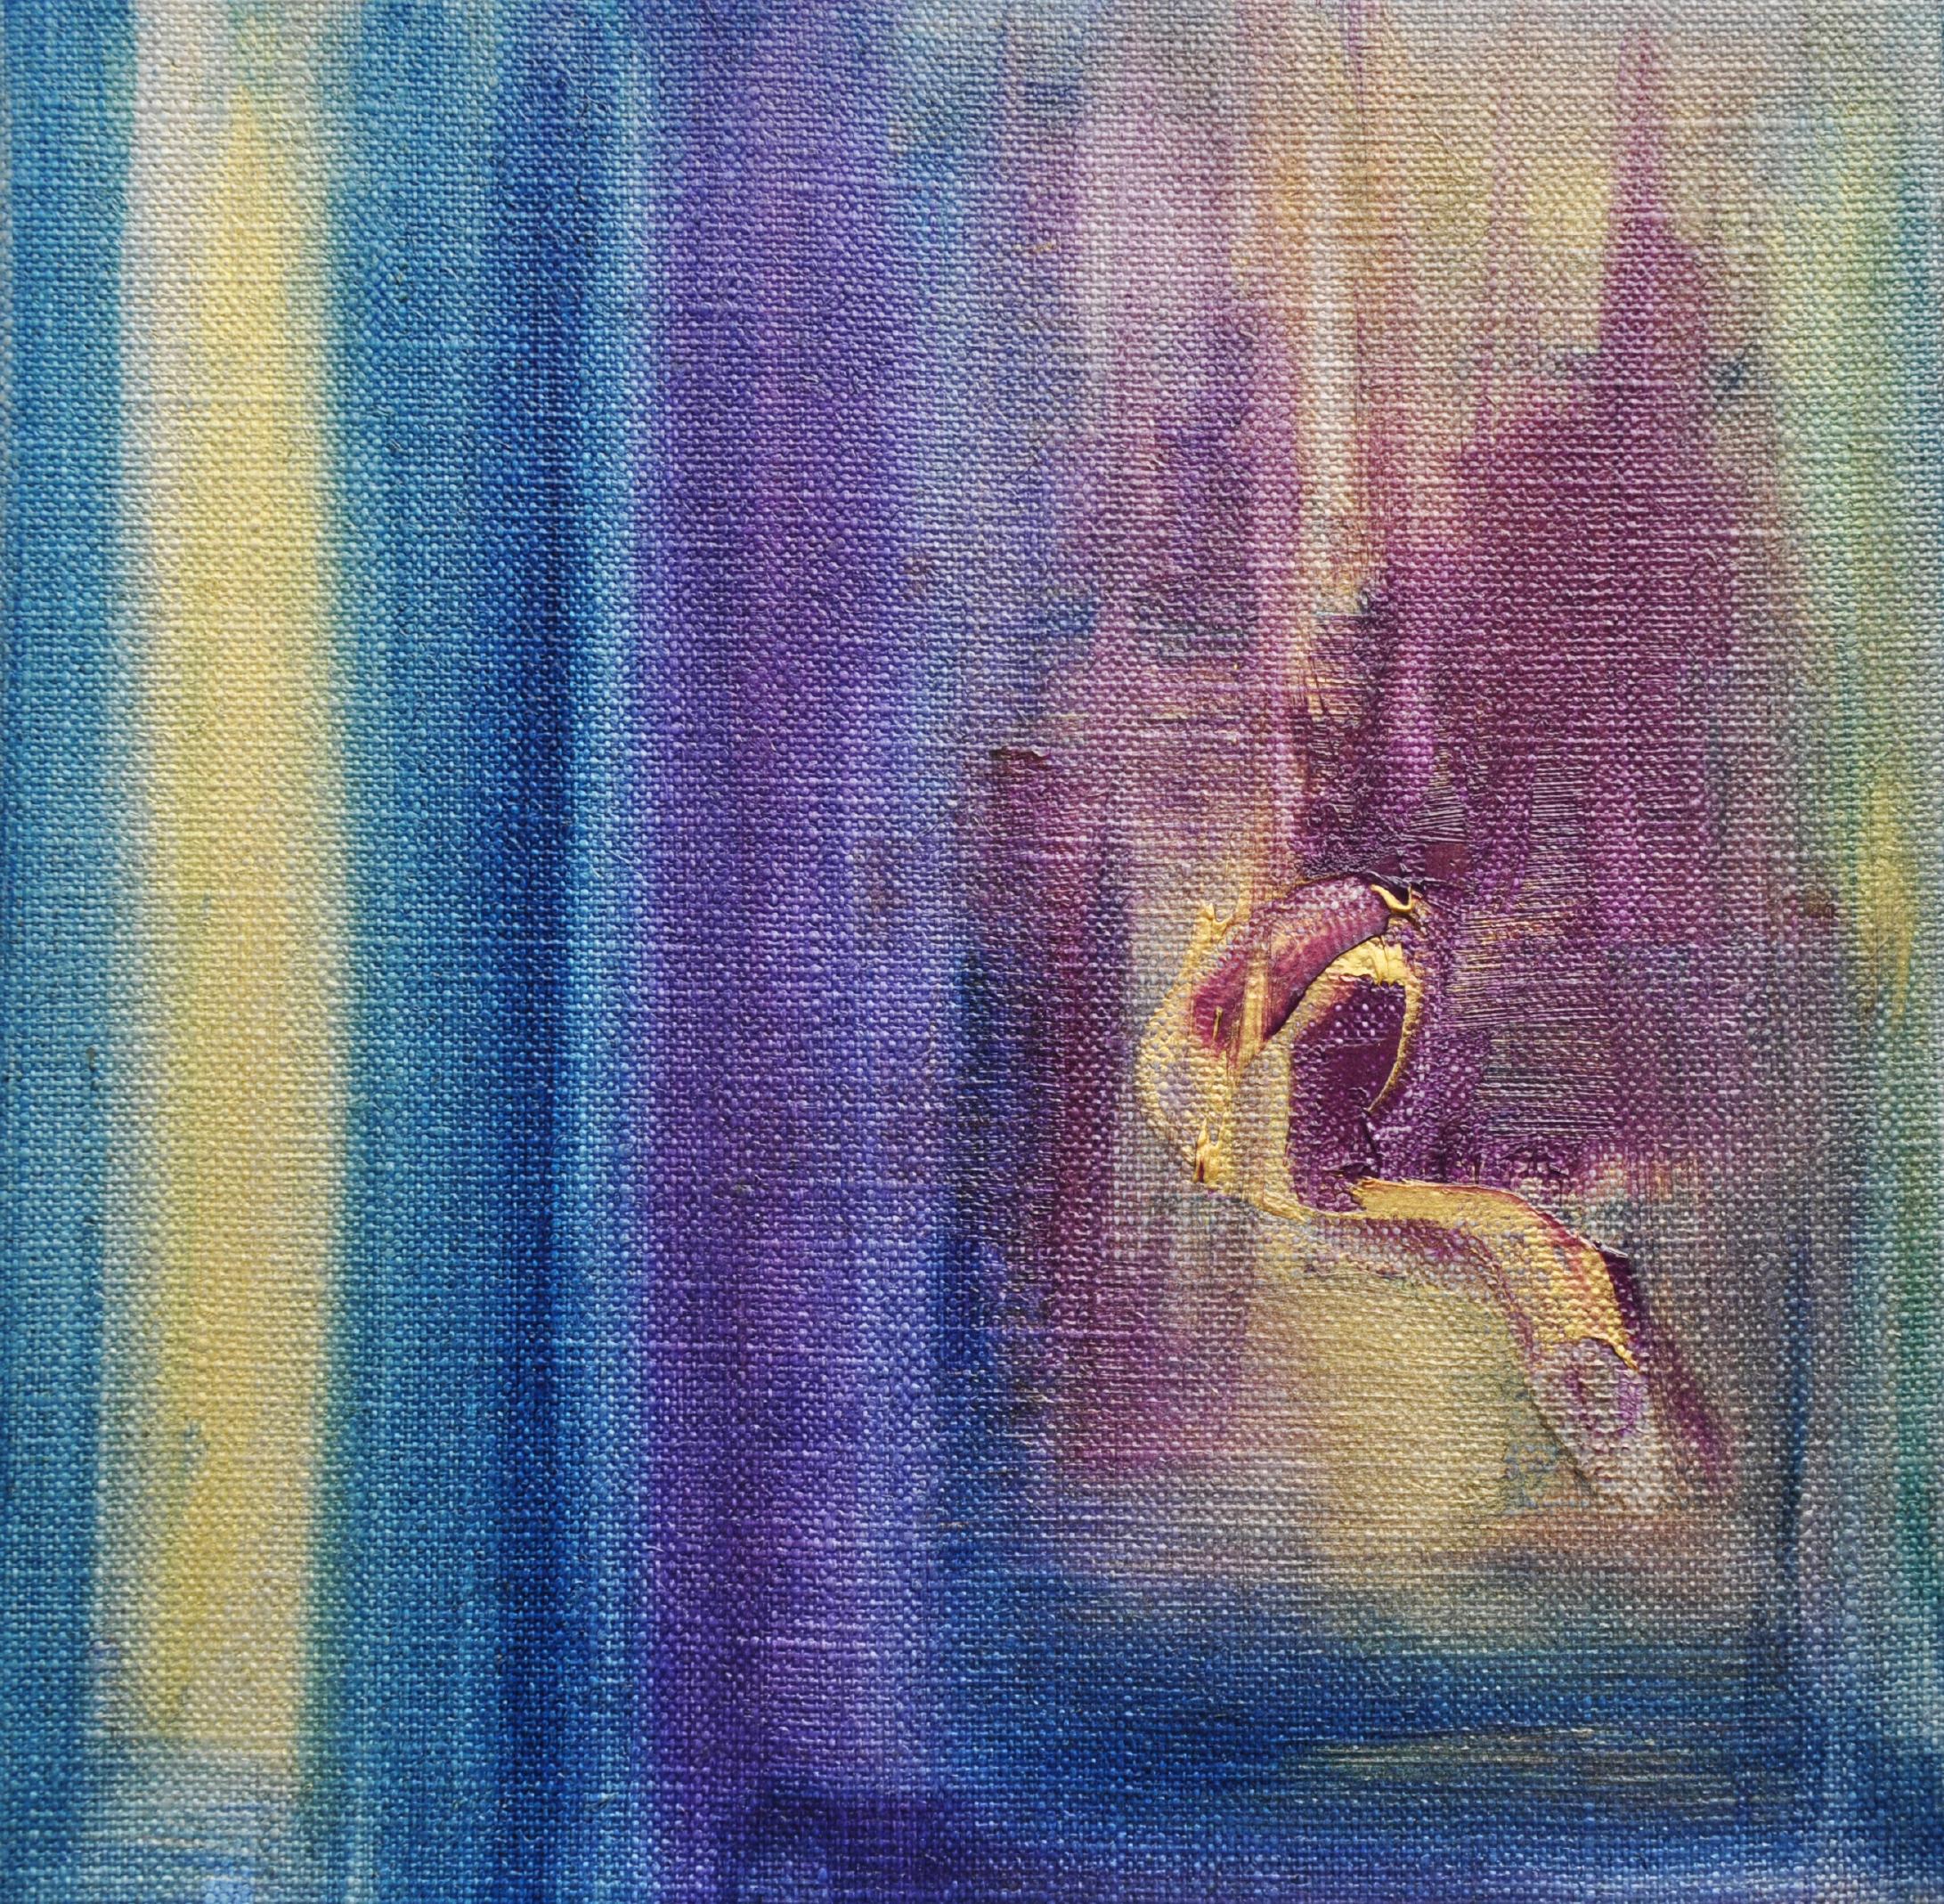 oil paintings 5 of 12.jpg